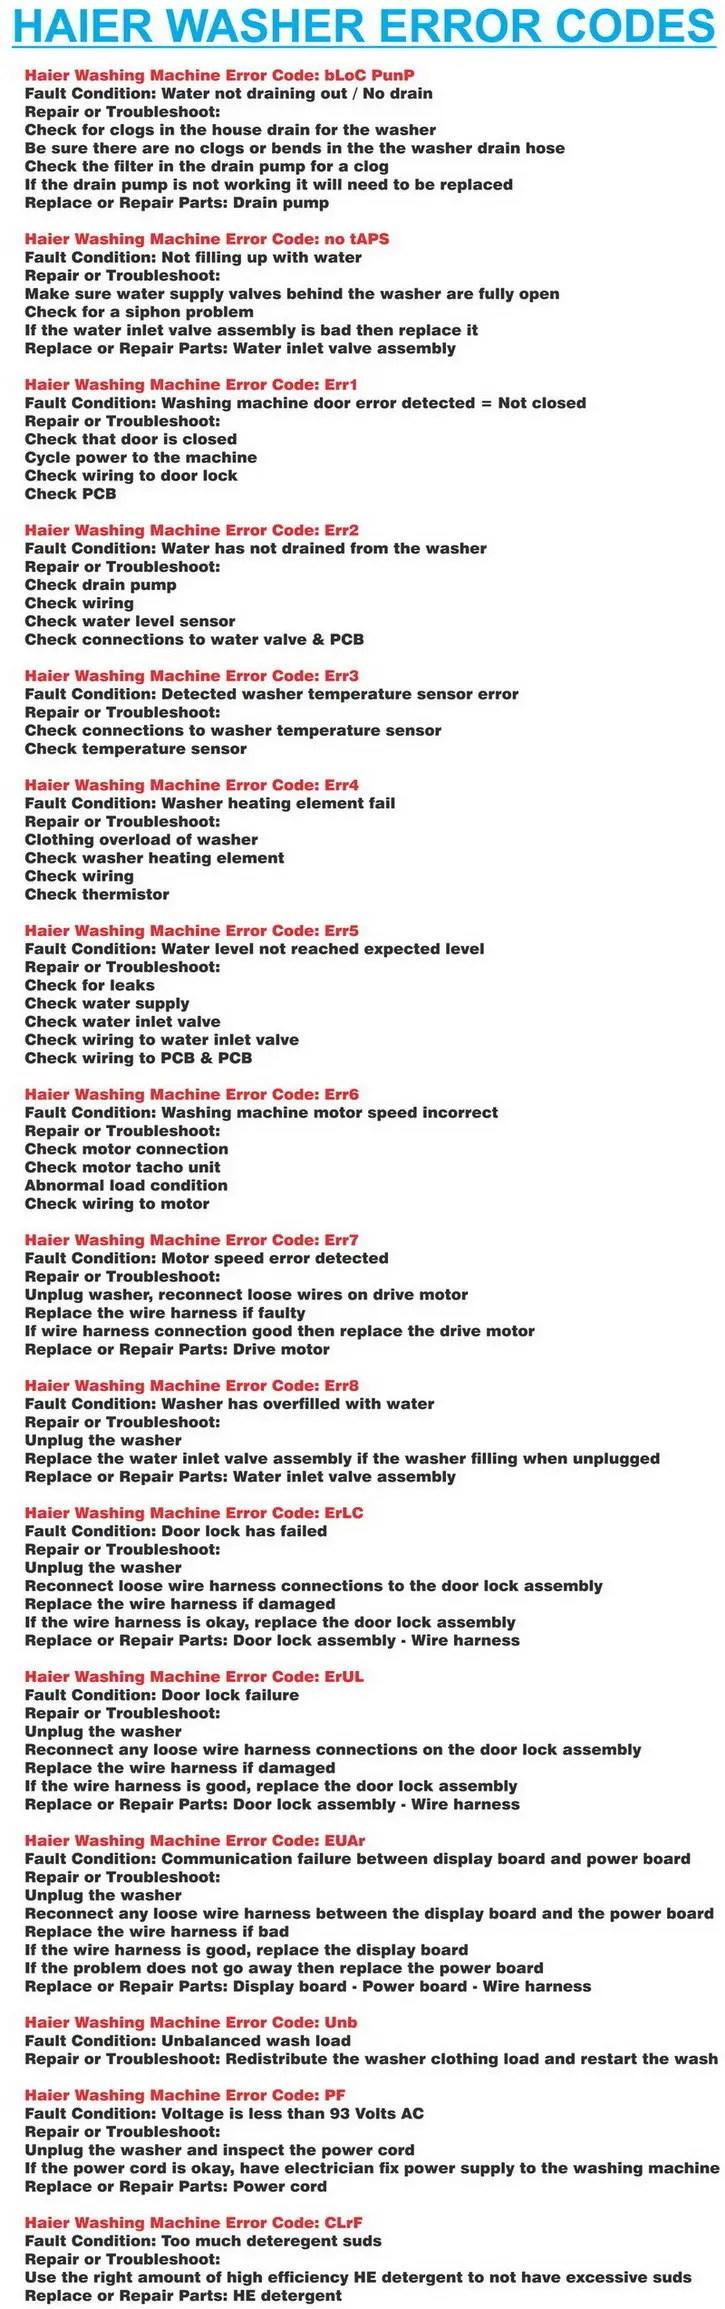 medium resolution of haier washer error codes list